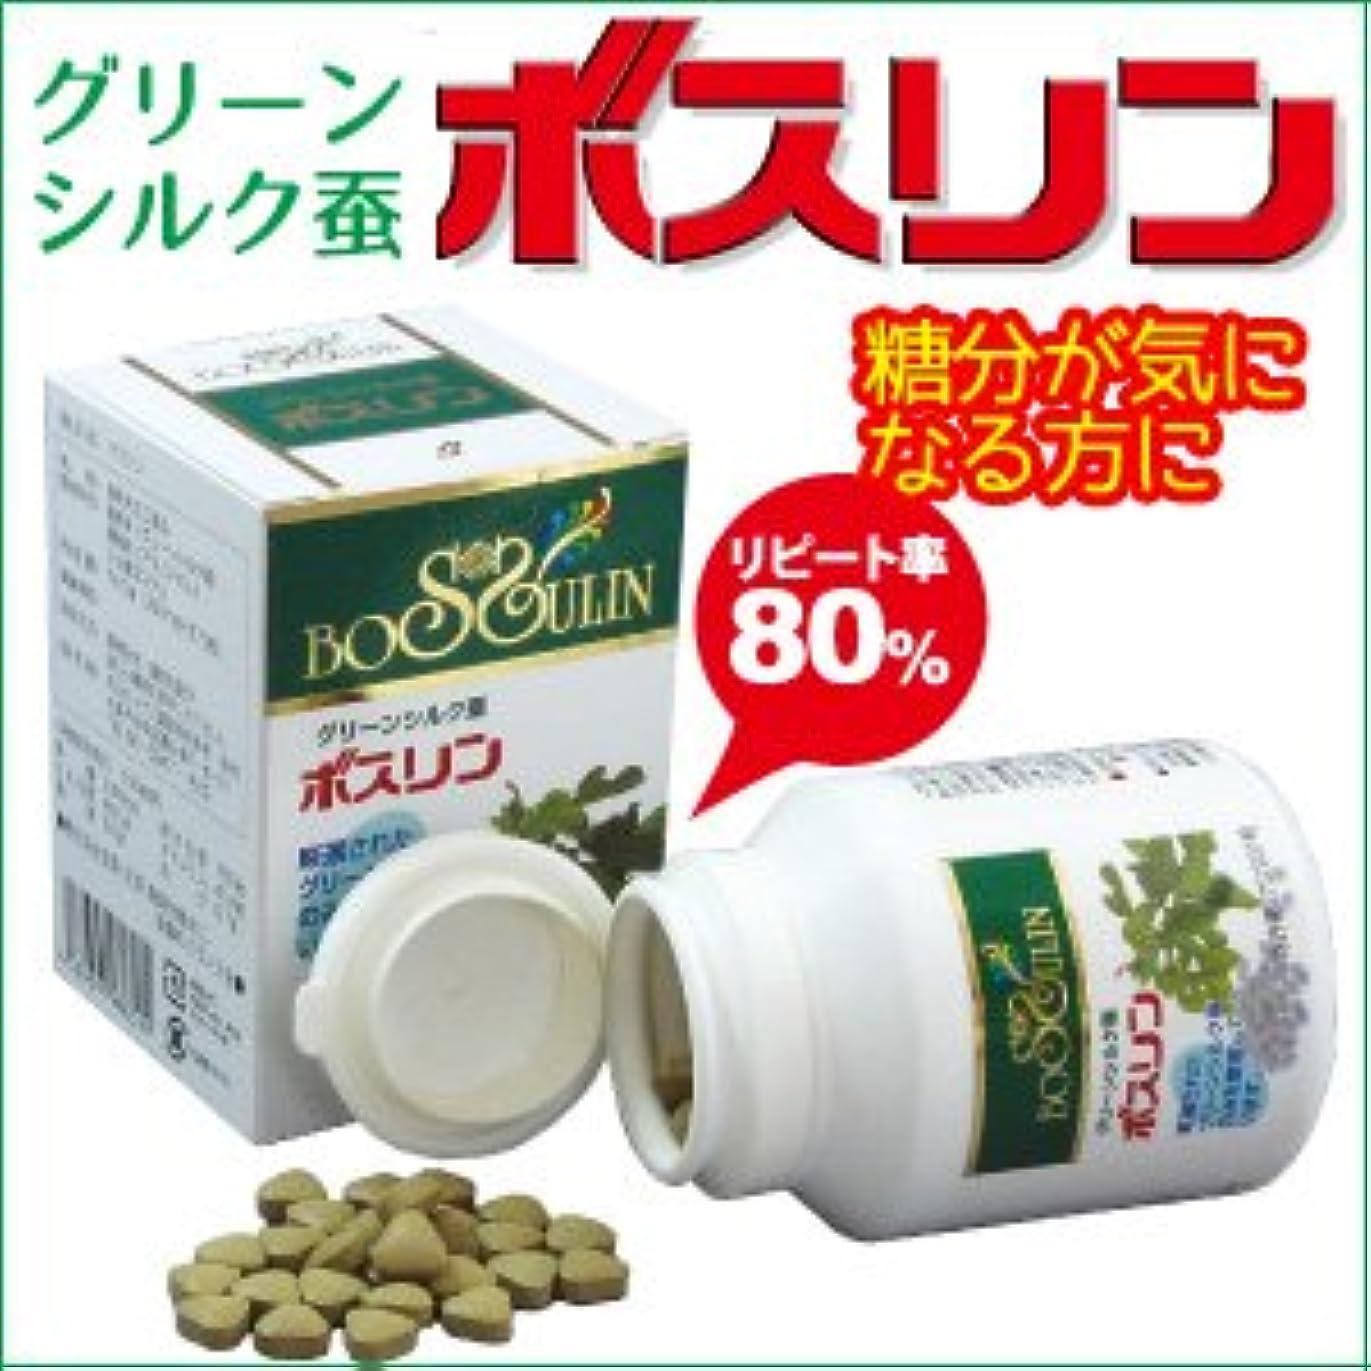 週間メディカルベストボスリン 桑の葉を主食とする厳選された蚕を使用したグリーンシルク蚕(蚕粉末)を配合!